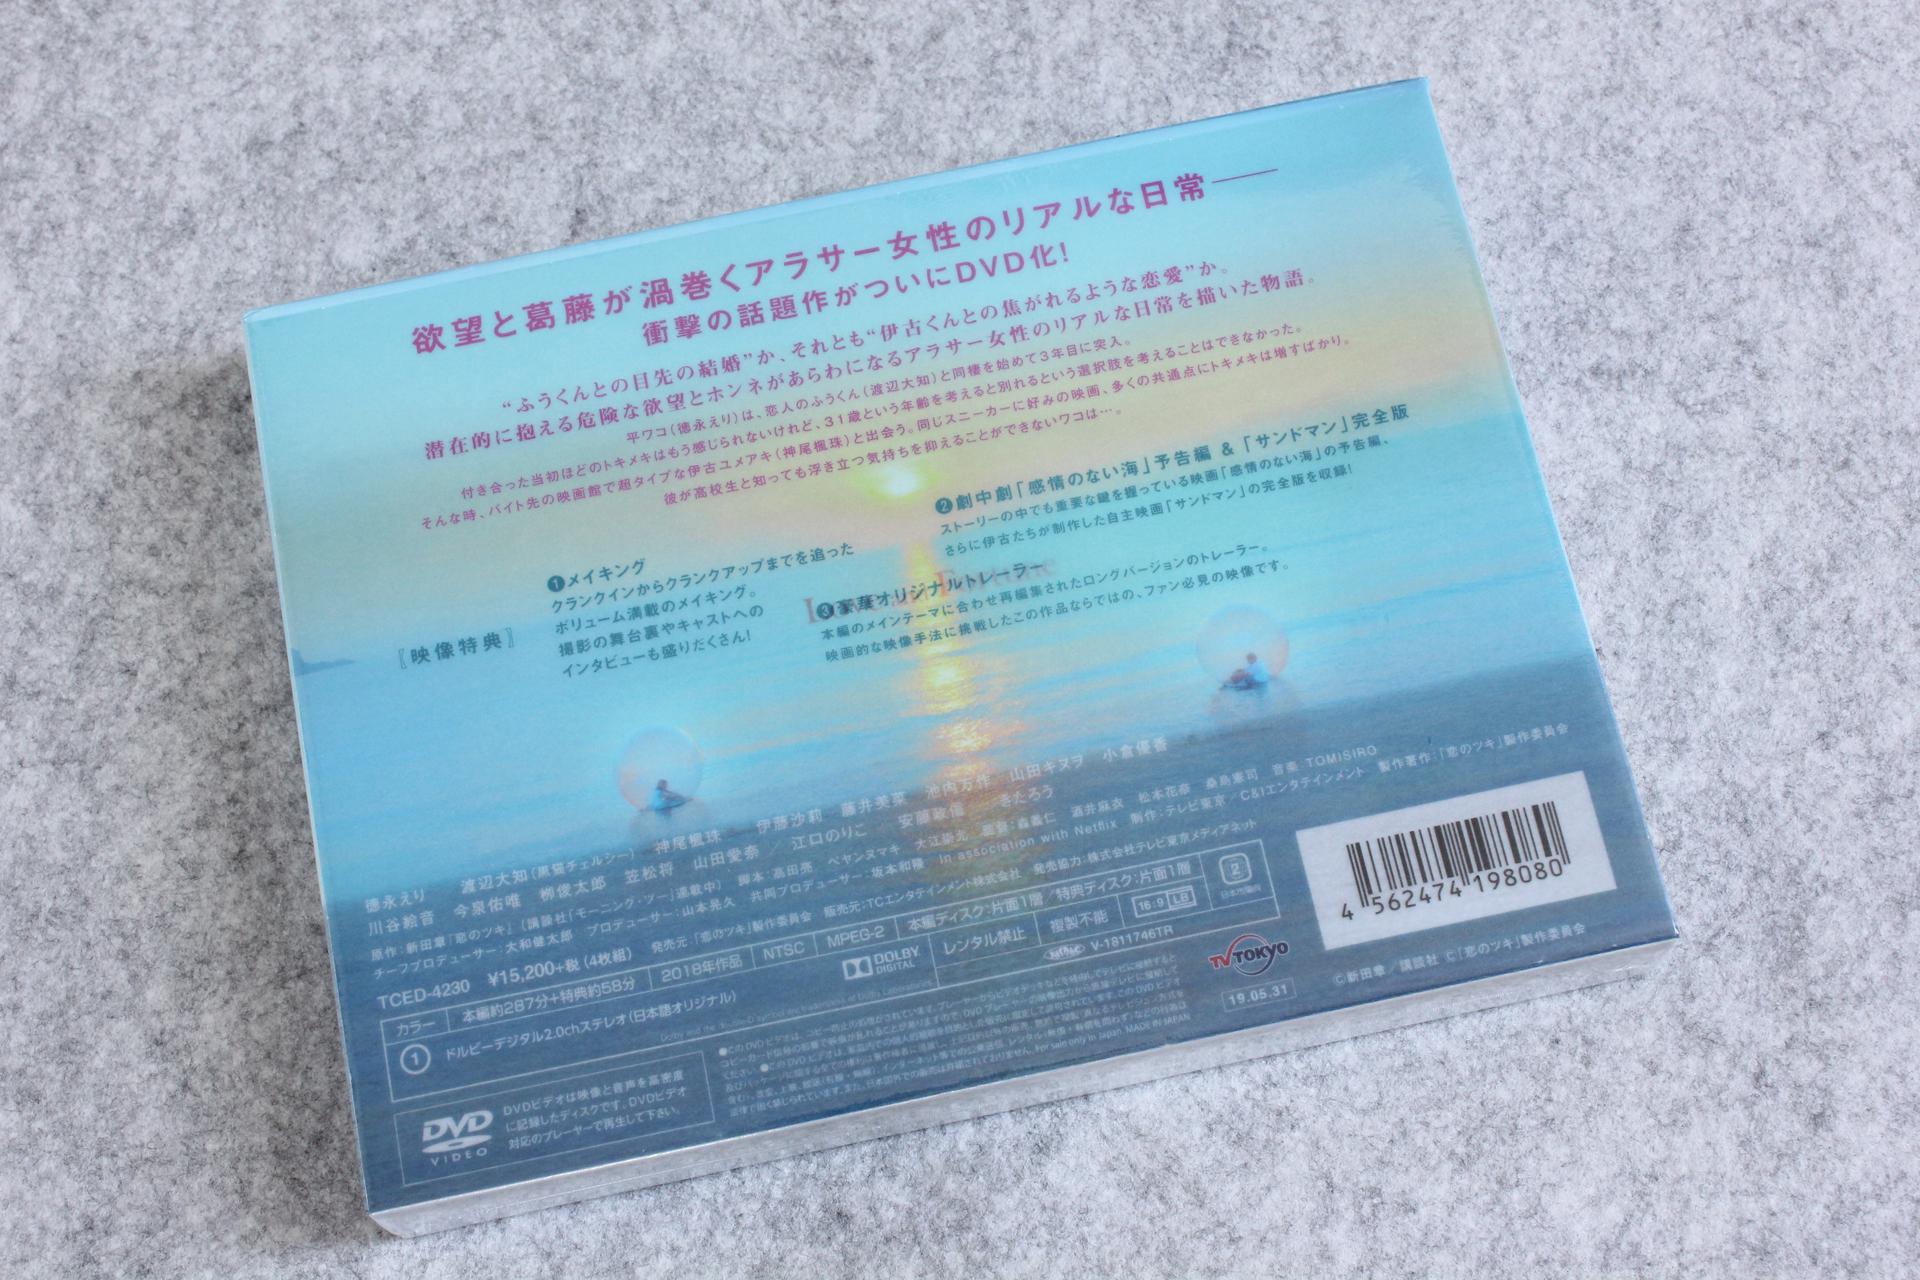 2019-05-30-KOI_NO_TSUKI-DVD-02.JPG